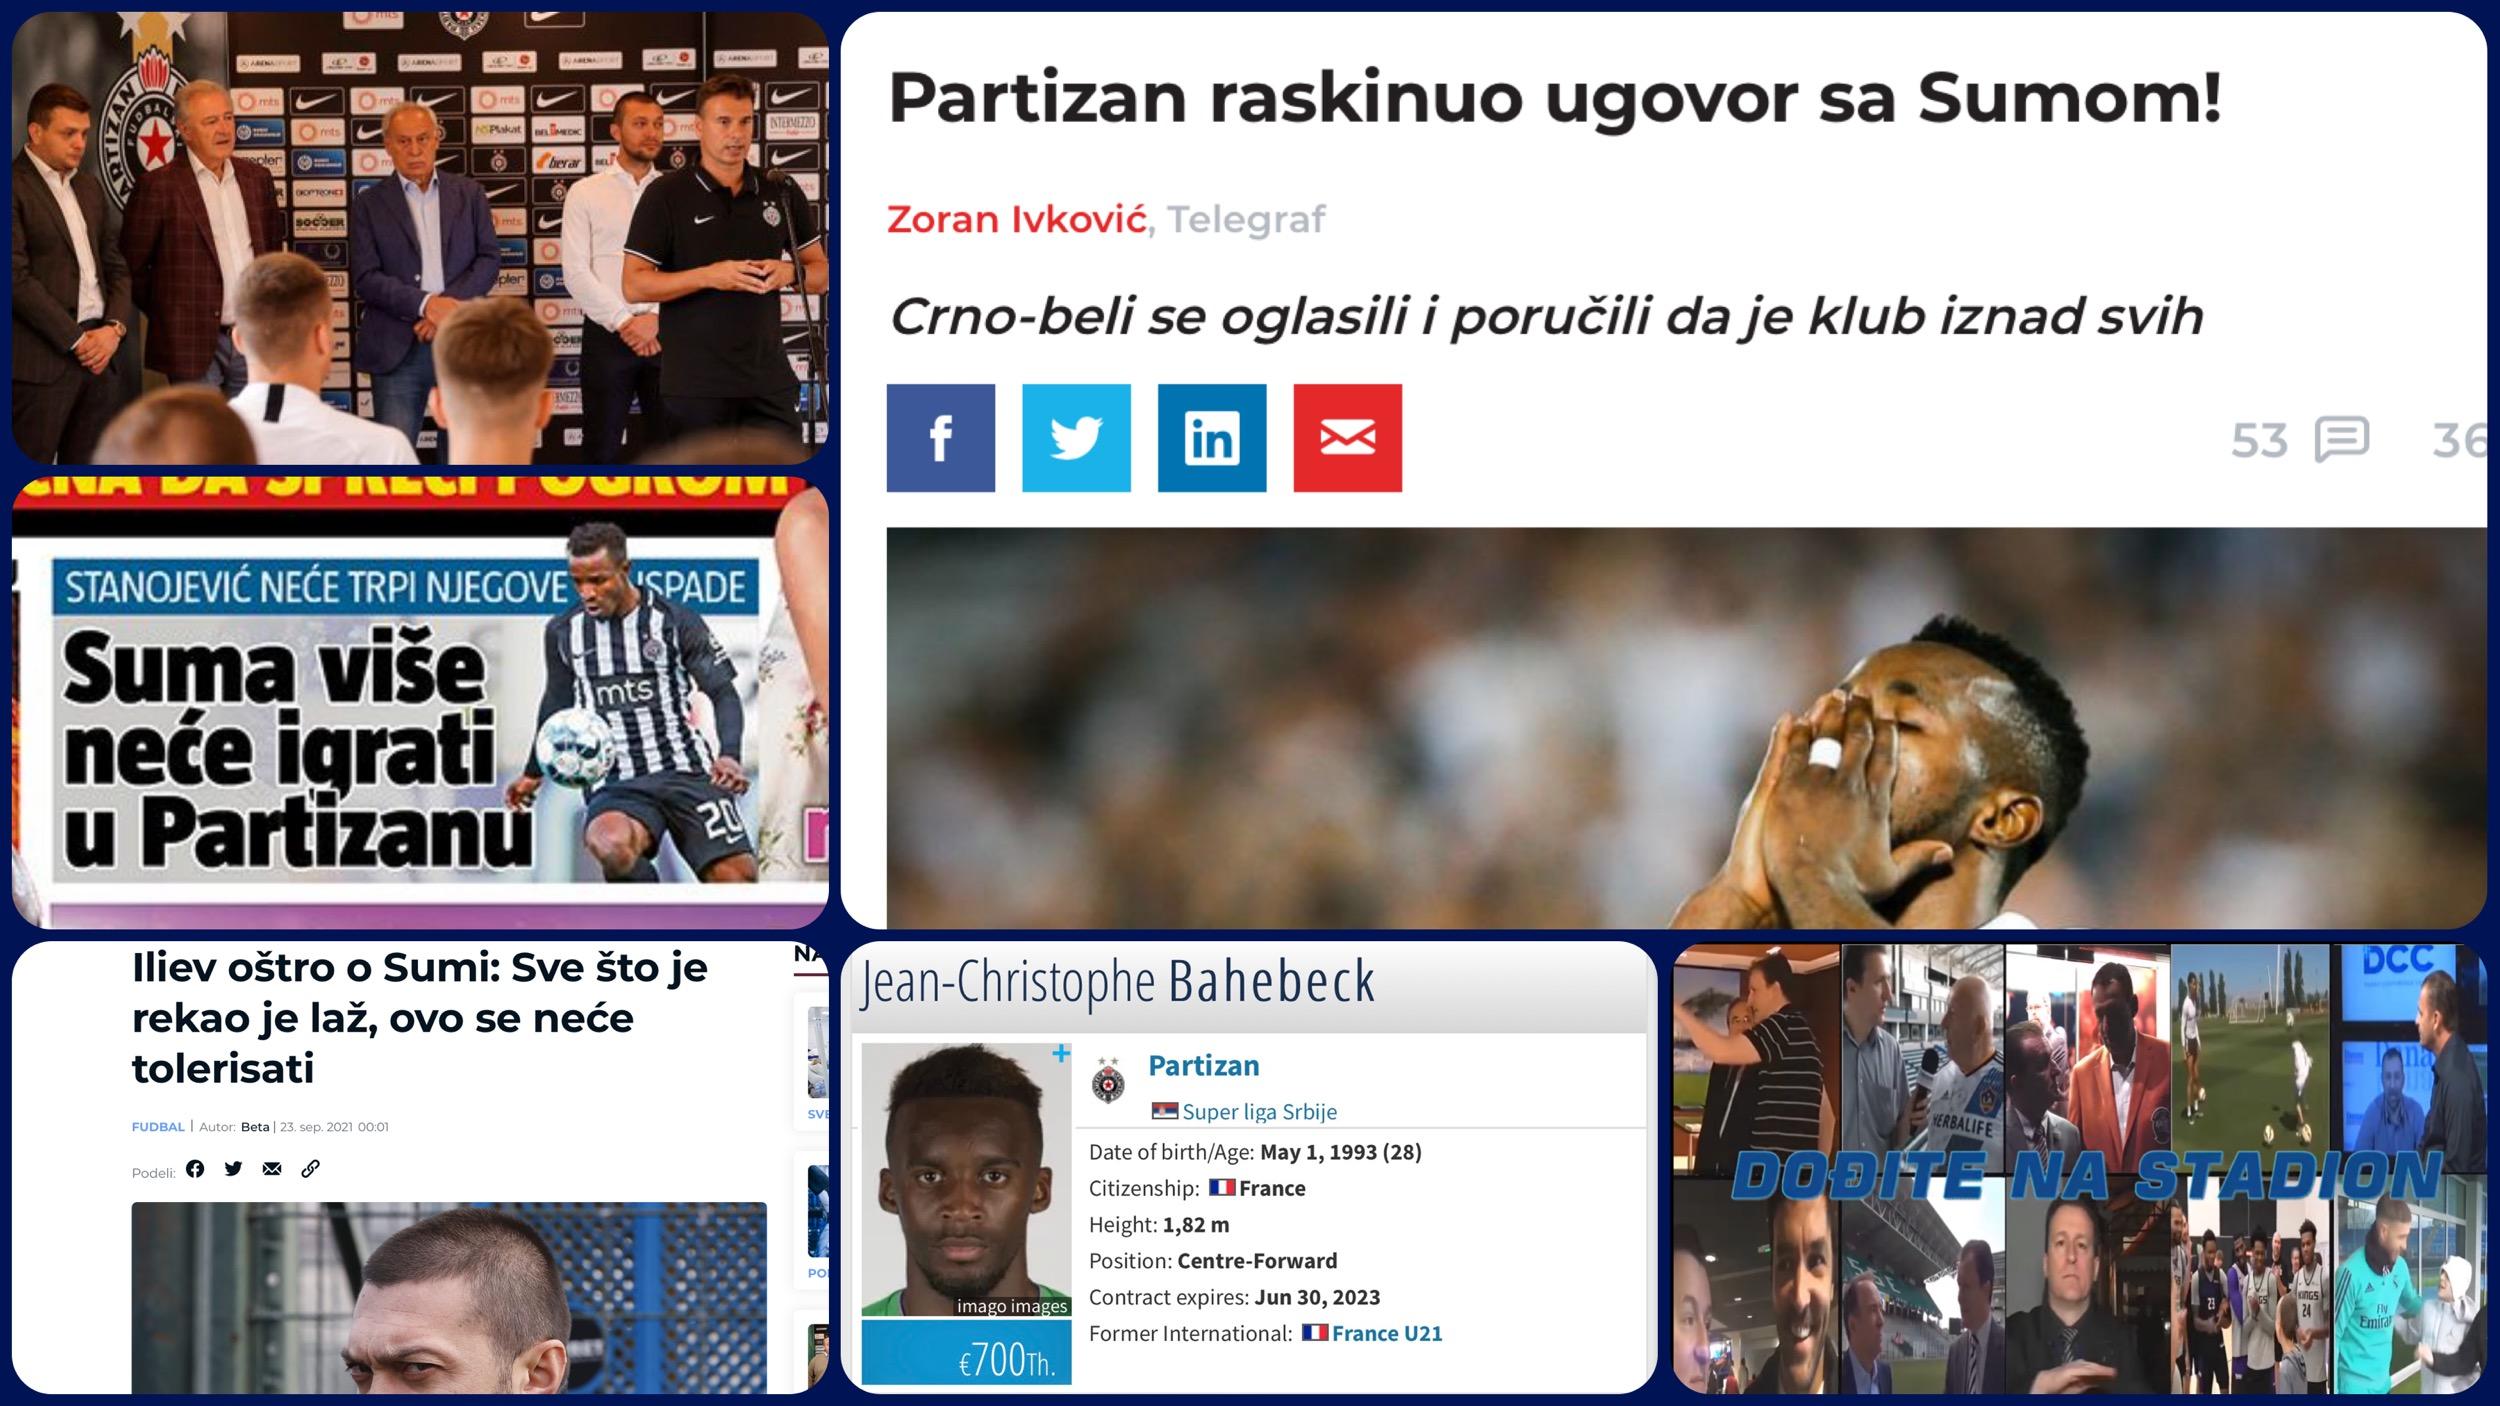 Željko Pantić: Dođite na stadion 463. Partizan na pravom putu u ambis i Suma na putu u Crvenu zvezdu…(VIDEO)